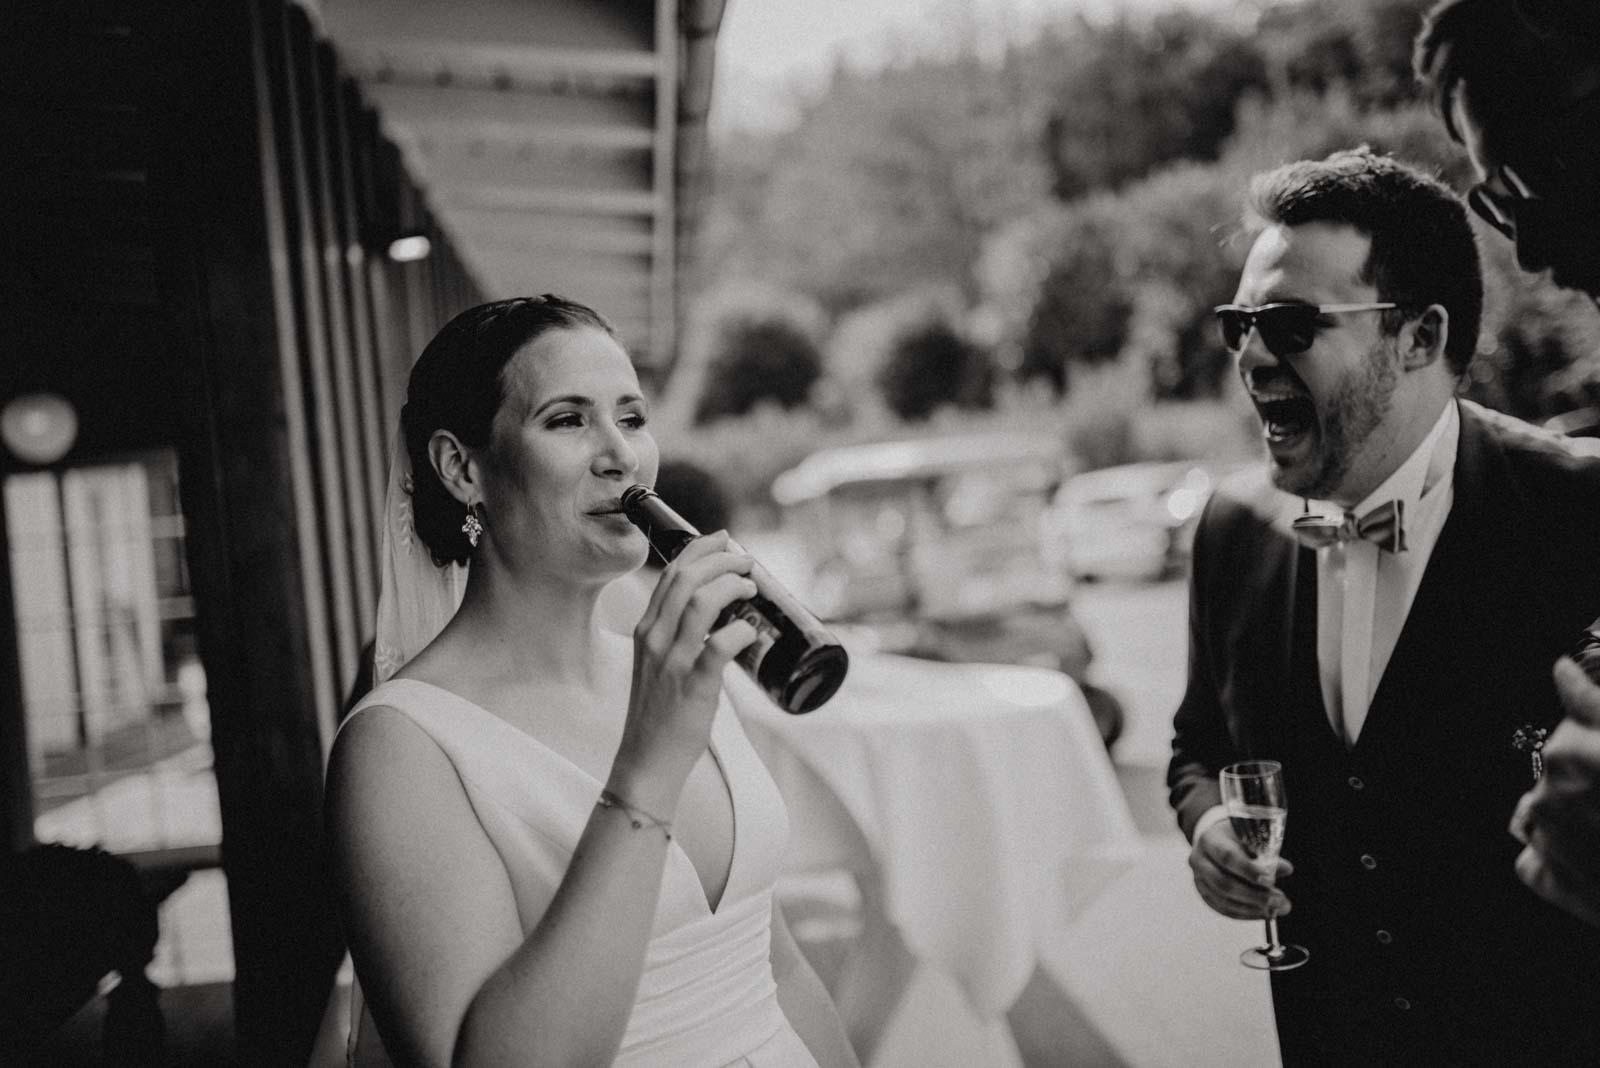 Die Braut trinkt Bier aus der Flasche